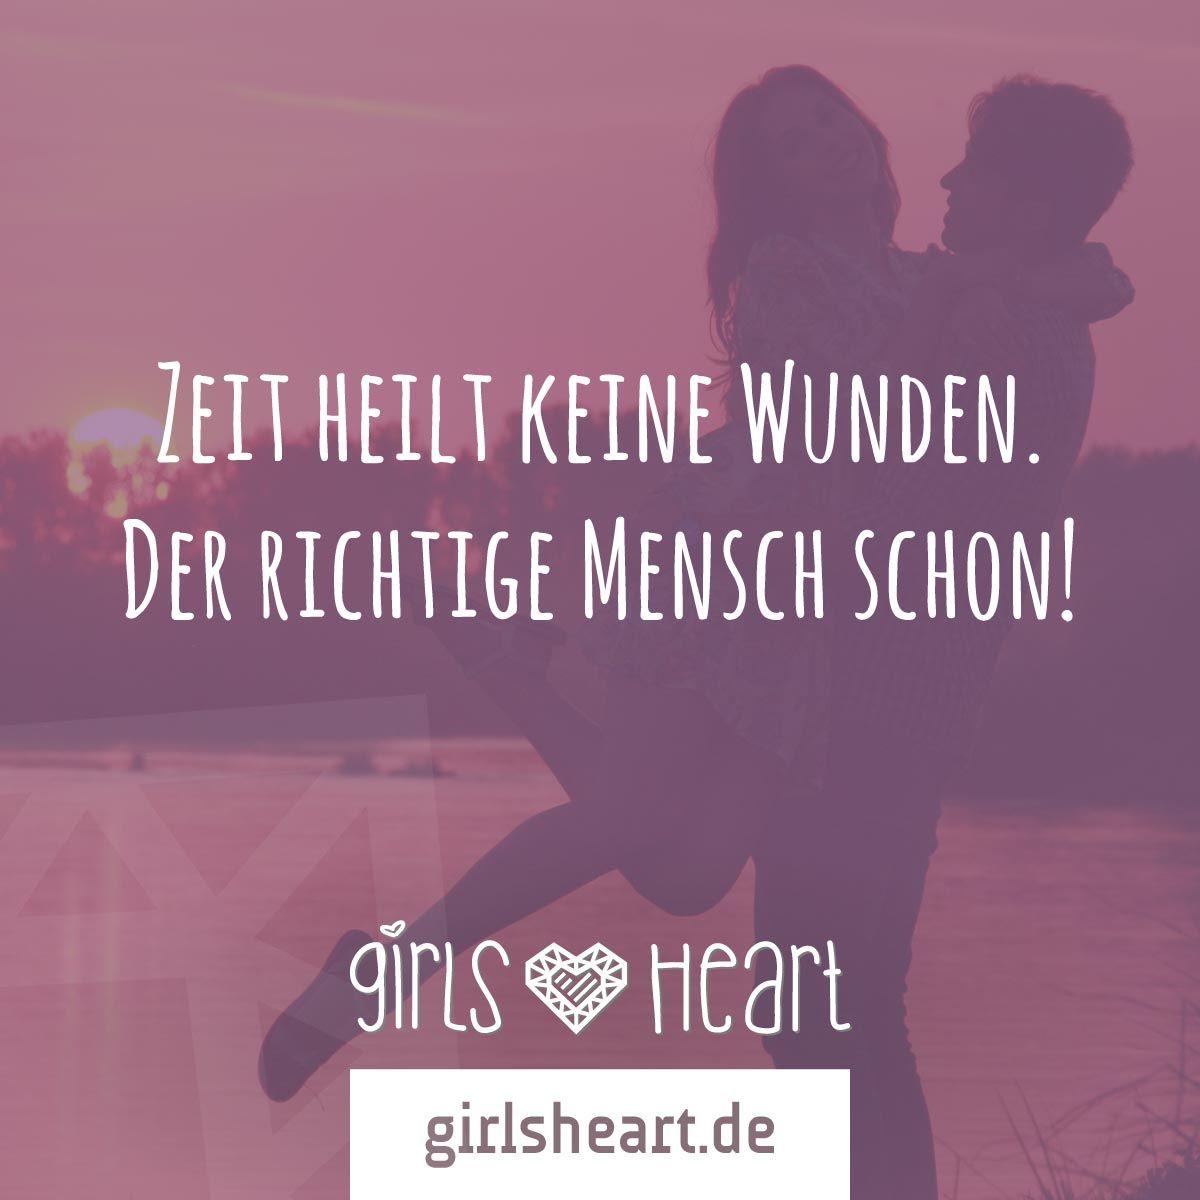 Habt ihr den richtigen Menschen schon gefunden?  Mehr Sprüche auf: www.girlsheart.de  #liebe #mensch #partner #freund #wunden #heilen